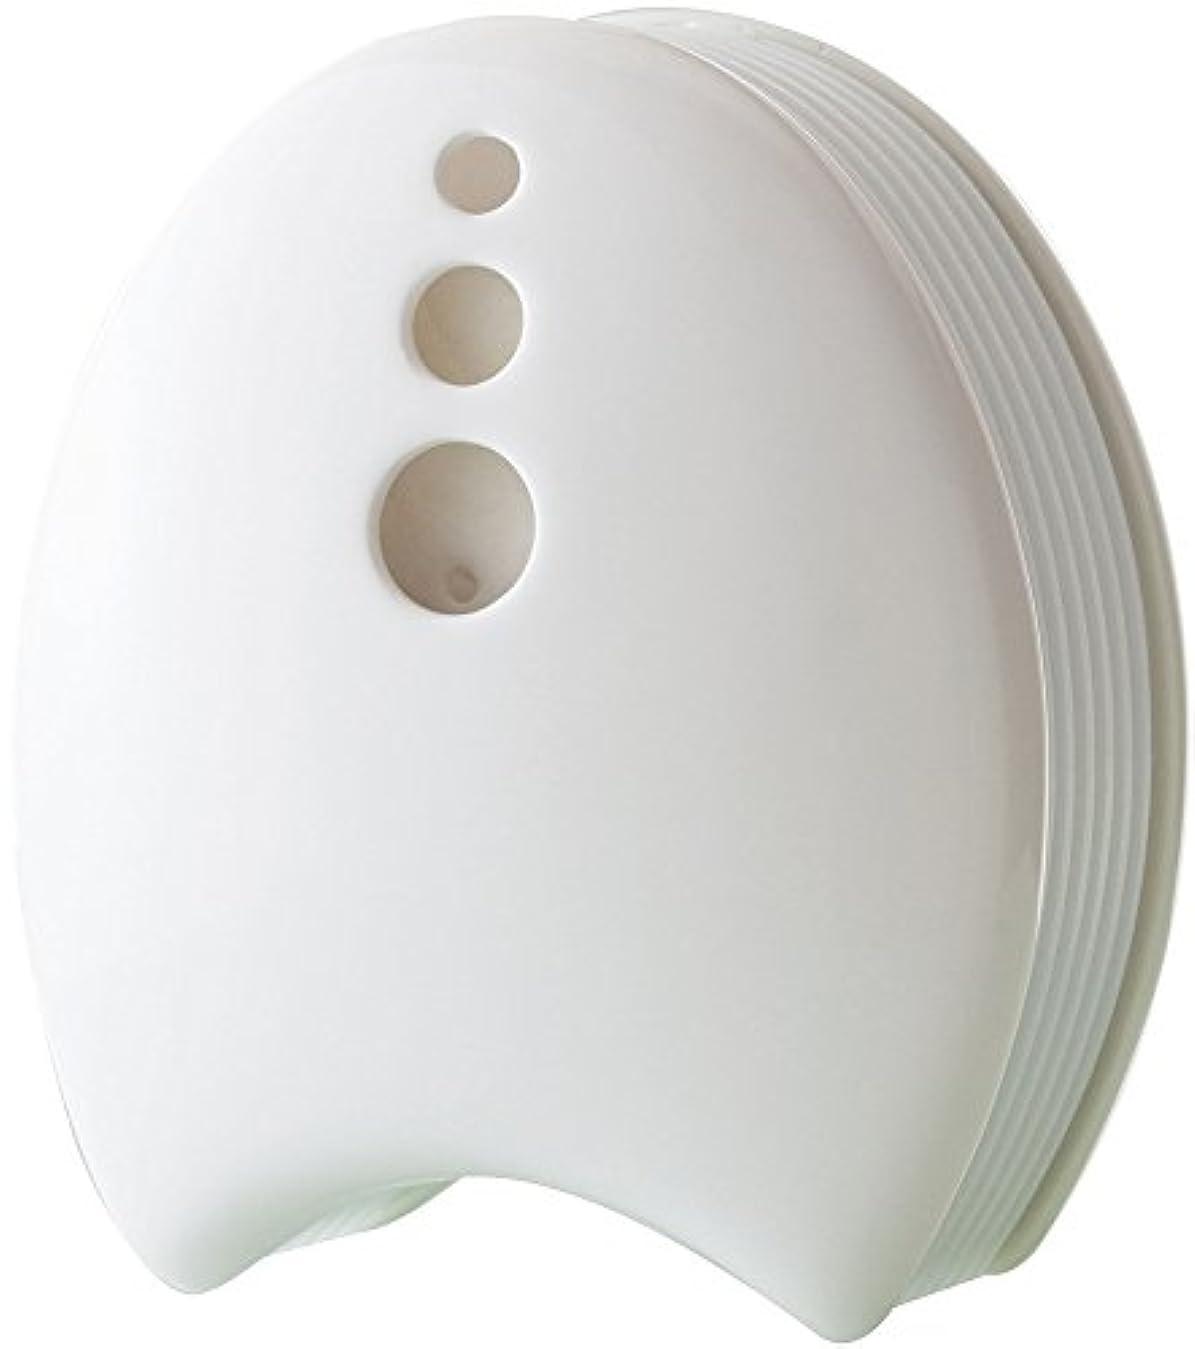 減らす変装したグレー陶器のアロマブリーズ 瀬戸焼 ホ ワイト